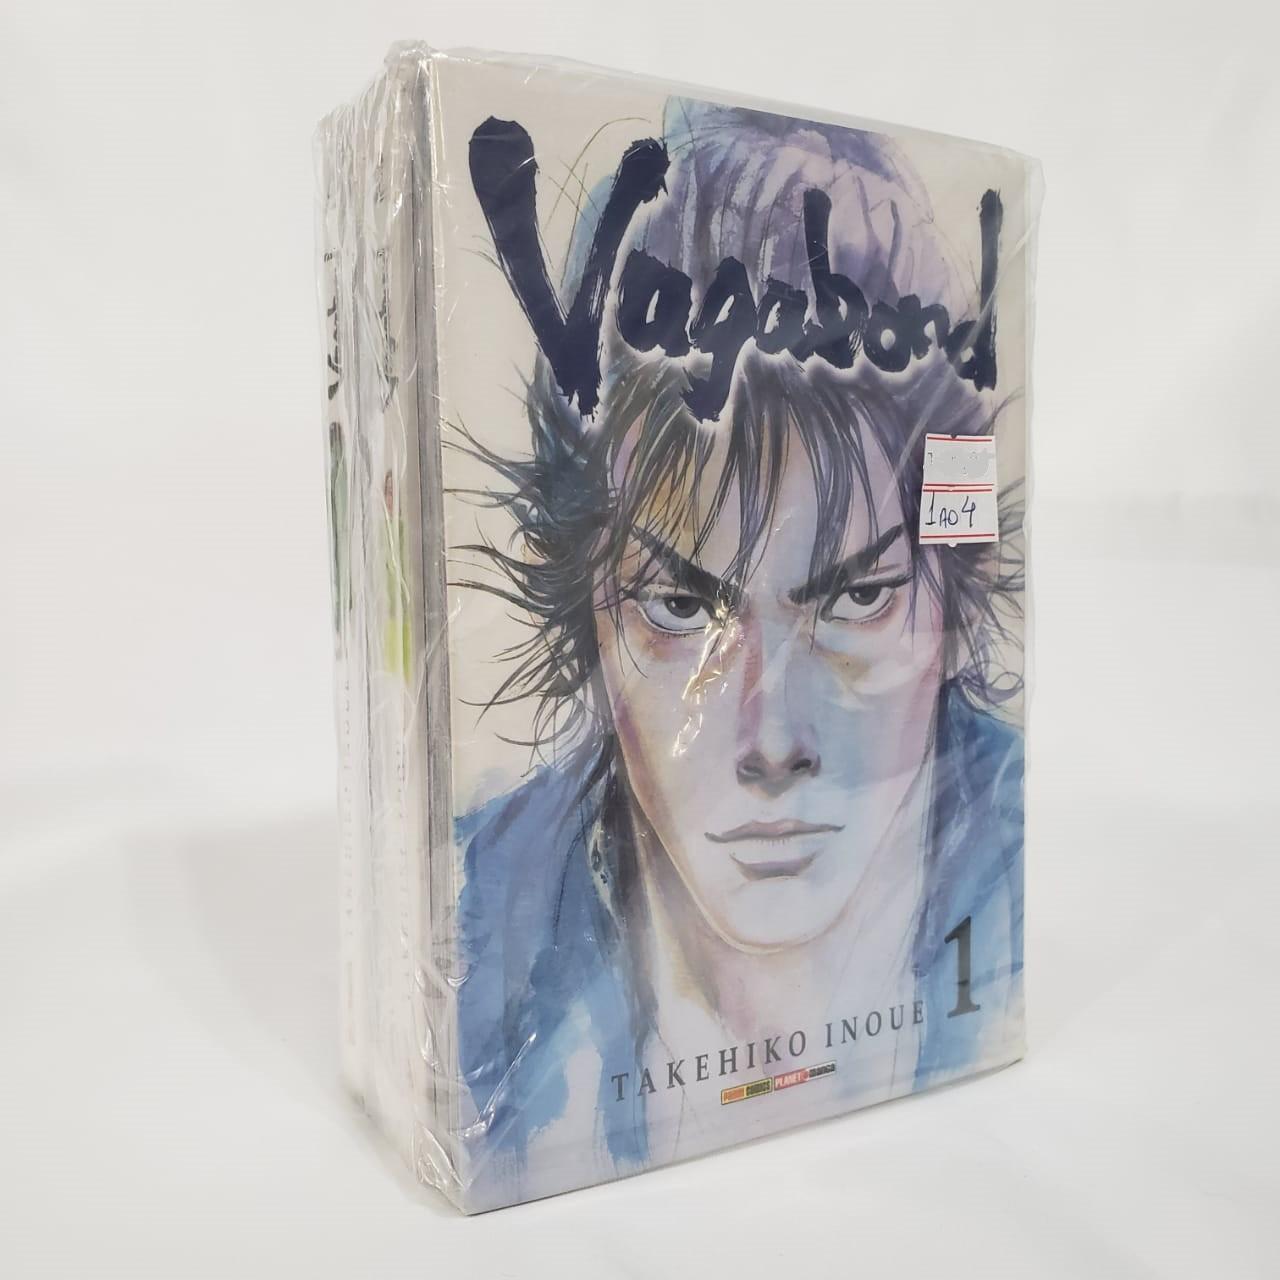 Vagabond - 1 ao 4 - Pack